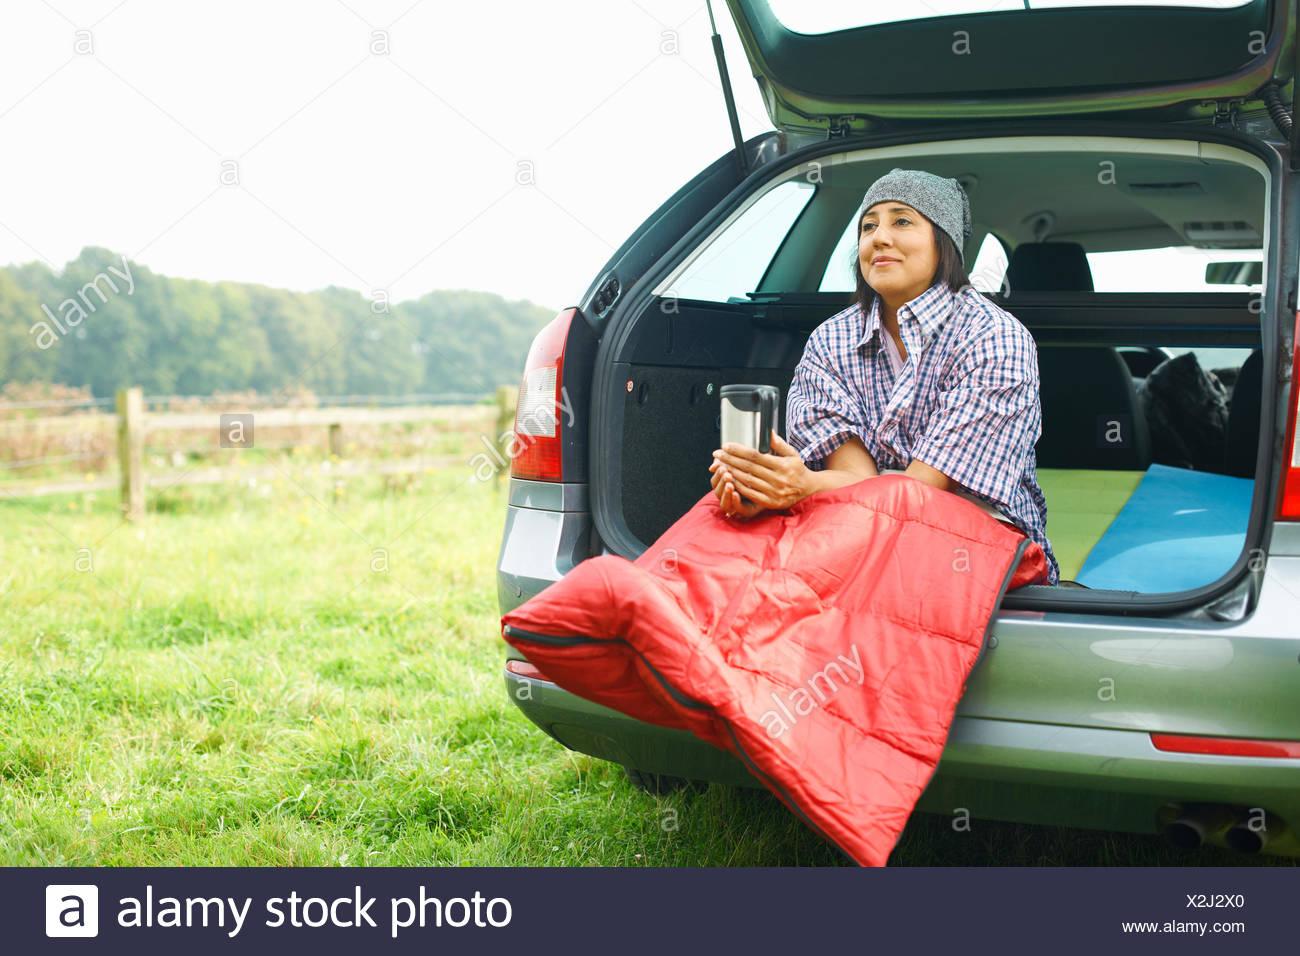 Mujer sentada en la parte trasera del coche con las piernas metidas en bolsa de dormir. Imagen De Stock